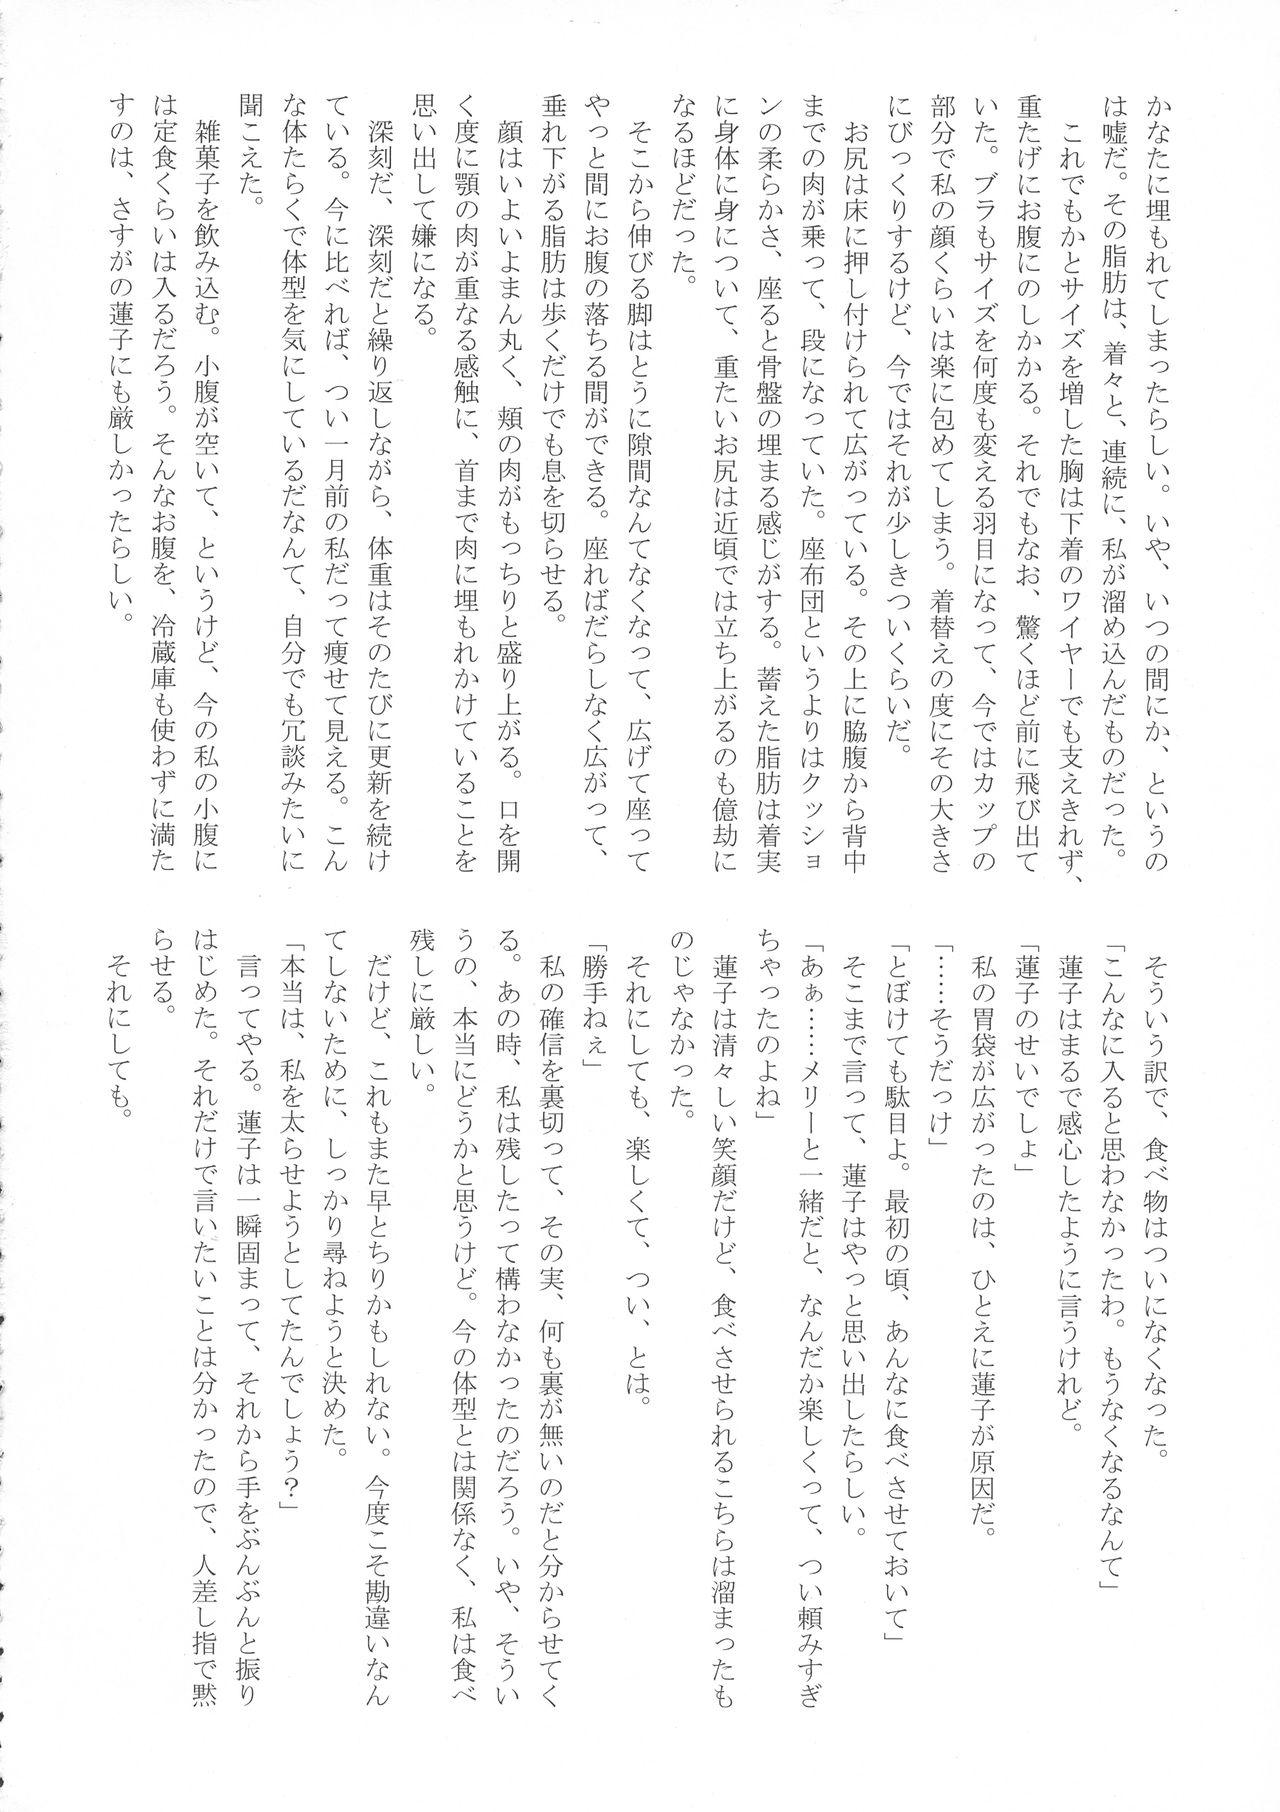 (Reitaisai 15) [HORIC WORKS (Various)] Touhou Bouchou-kei Sougou Goudou-shi `Boujo 2!!!!!!!!' (Touhou Project) 74